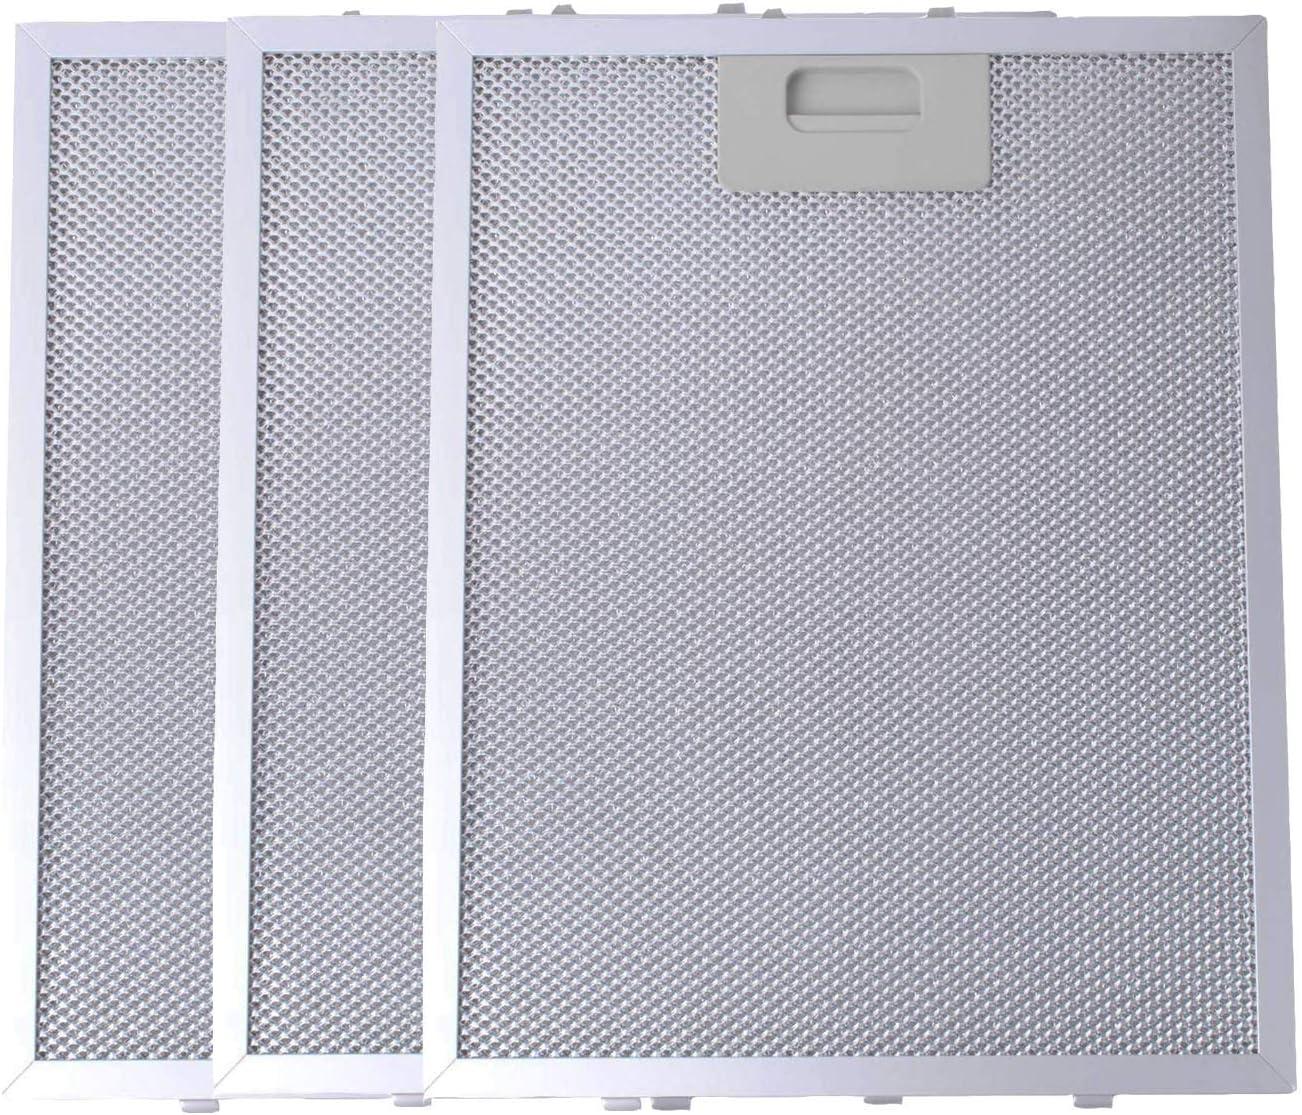 Filtro de Grasa Universal para Campana Extractora de Cocina por Poweka (Plata, 320 x 260 mm, 3 Piezas)